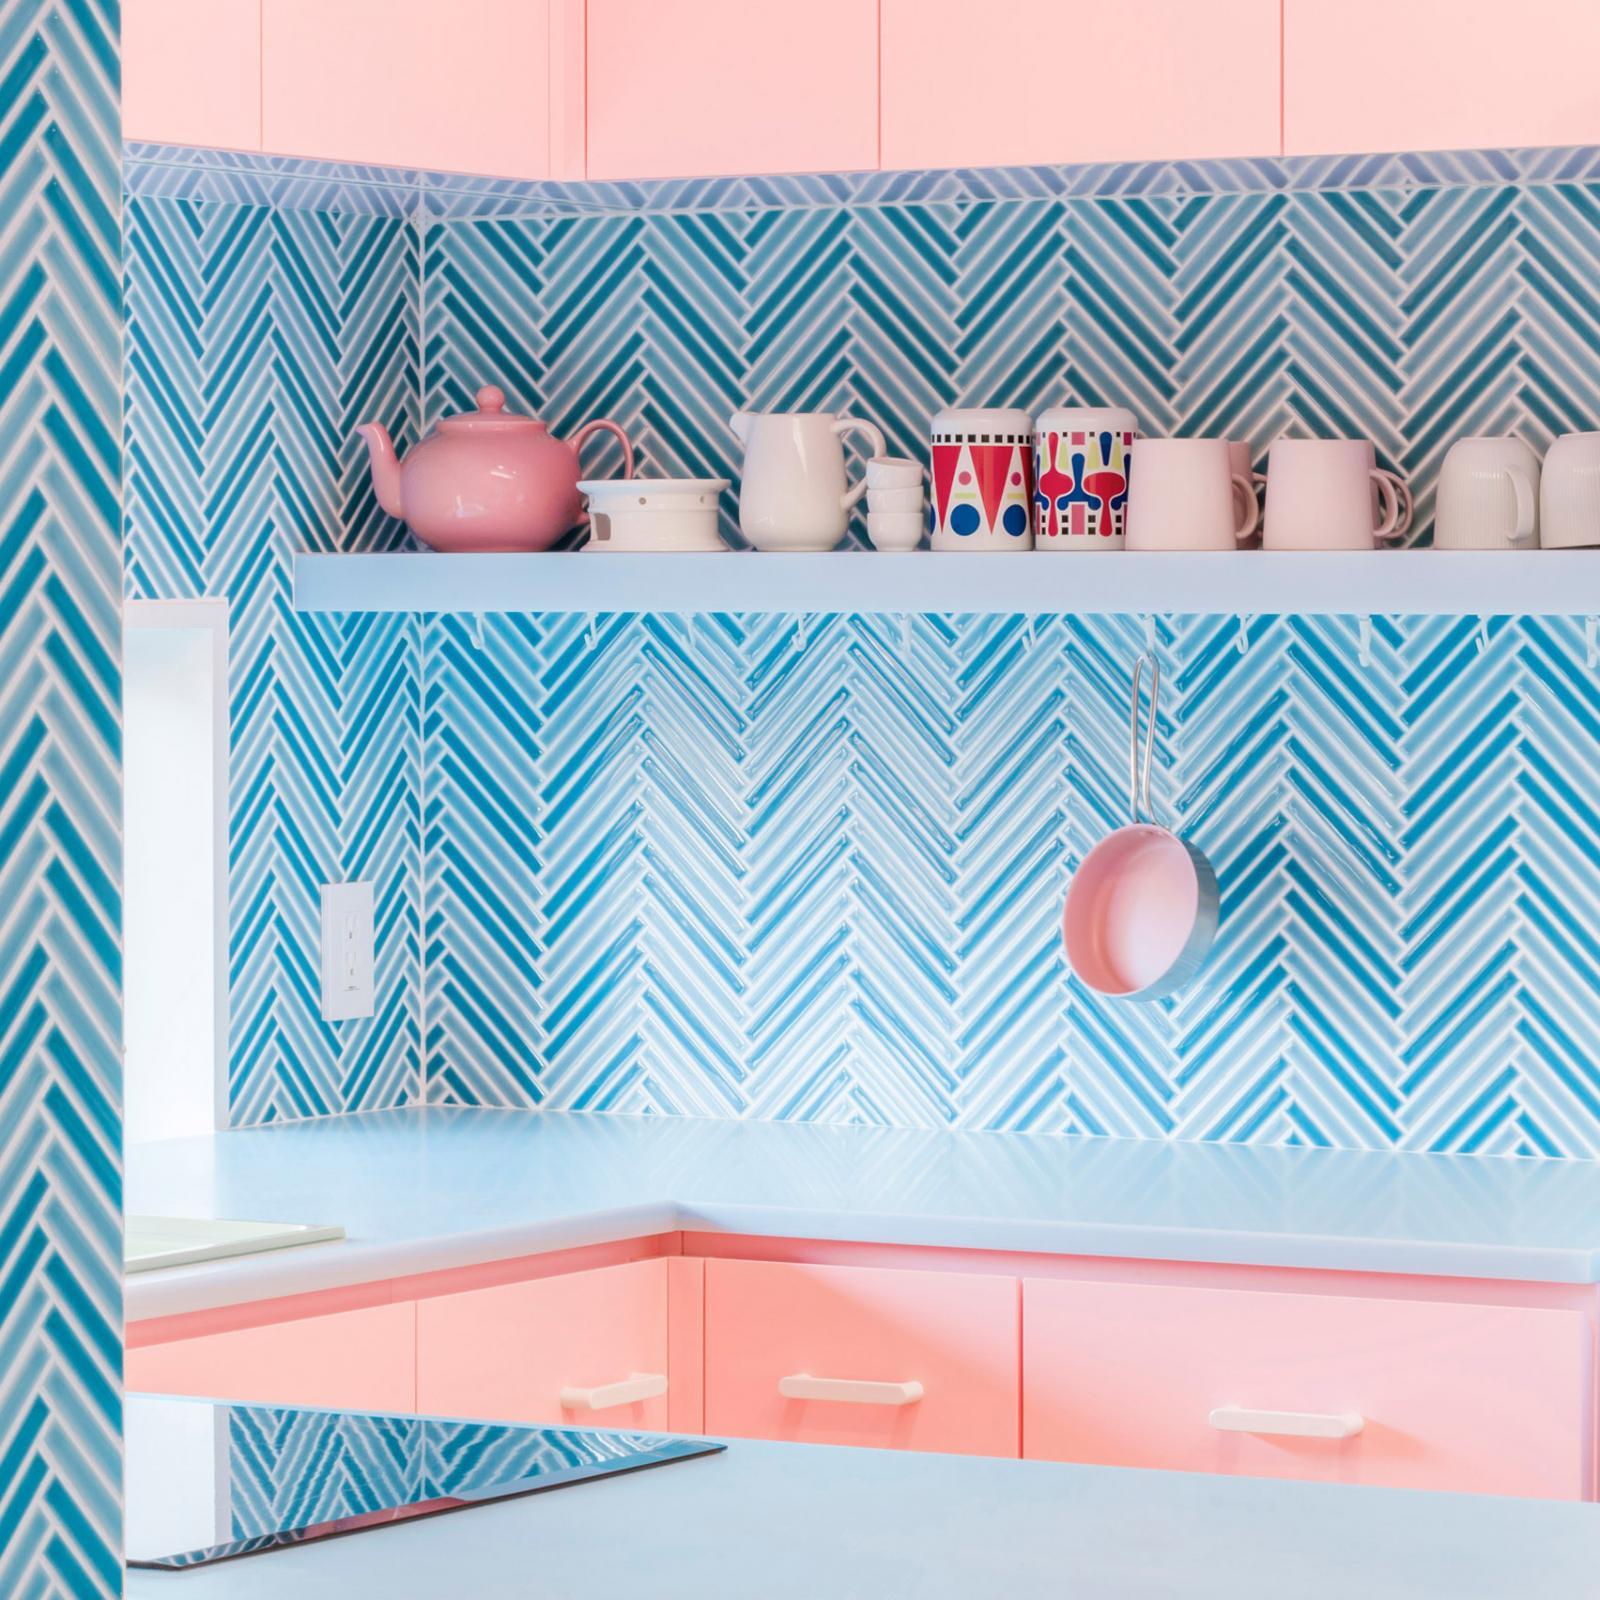 phòng bếp với tường ốp gạch màu xanh lam họa tiết xương cá, tủ màu hồng pastel